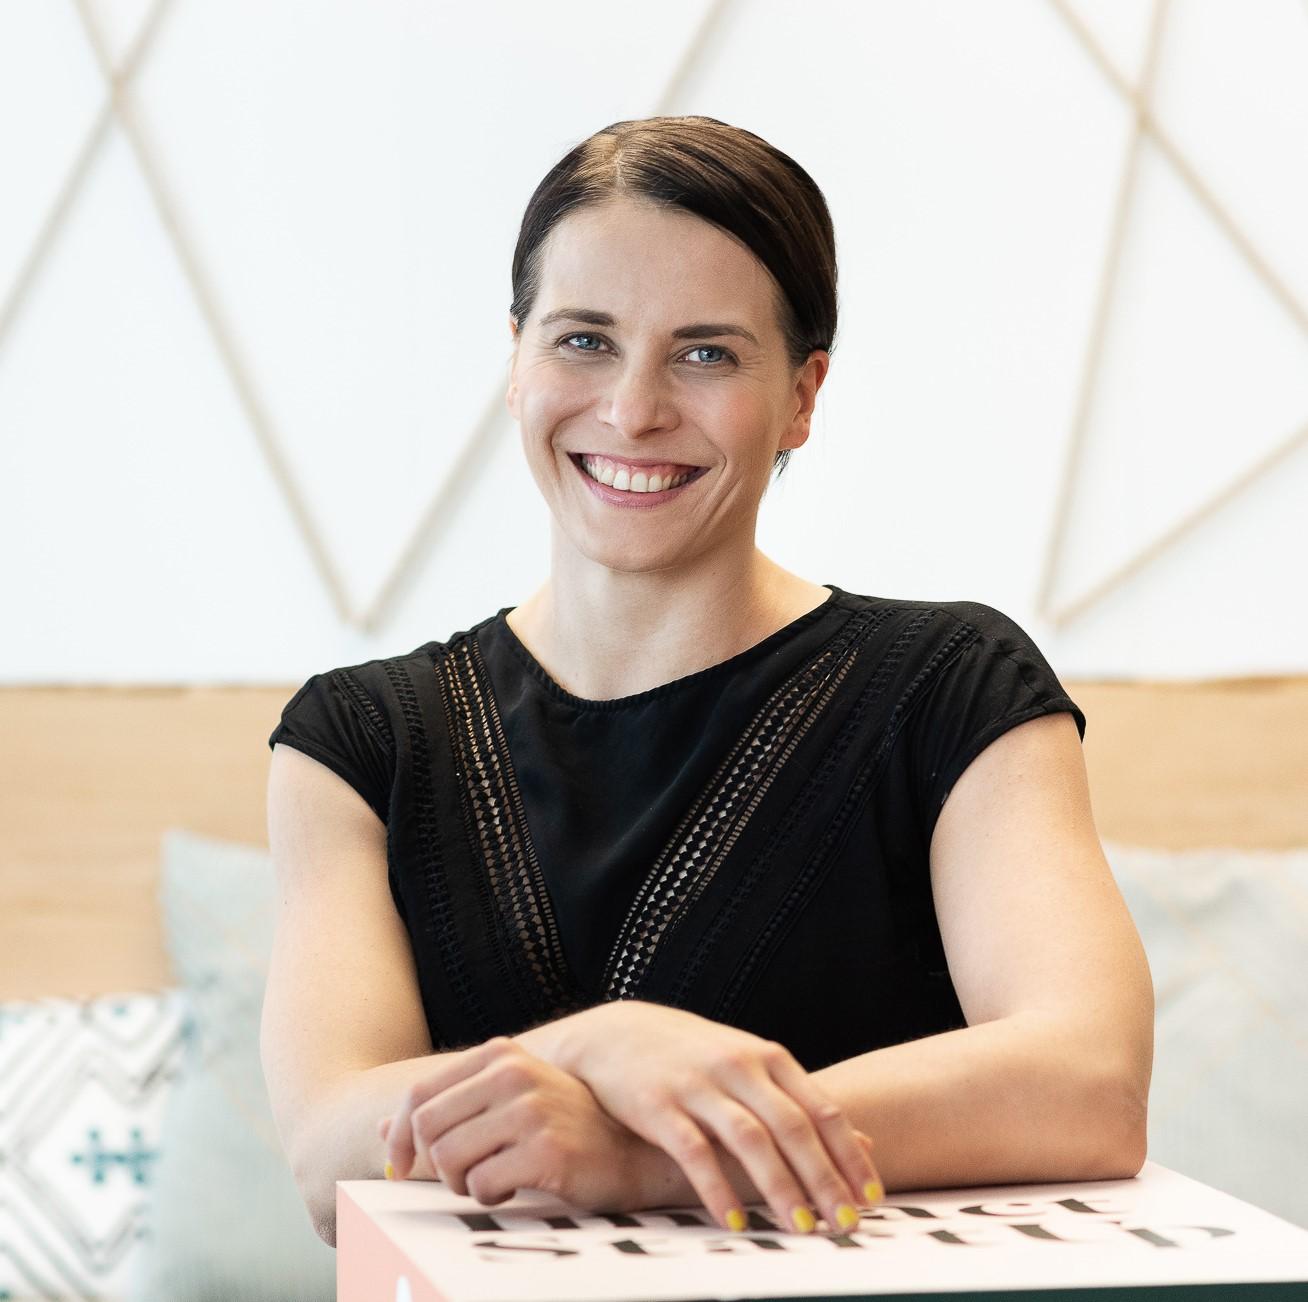 Katja Anoschkin